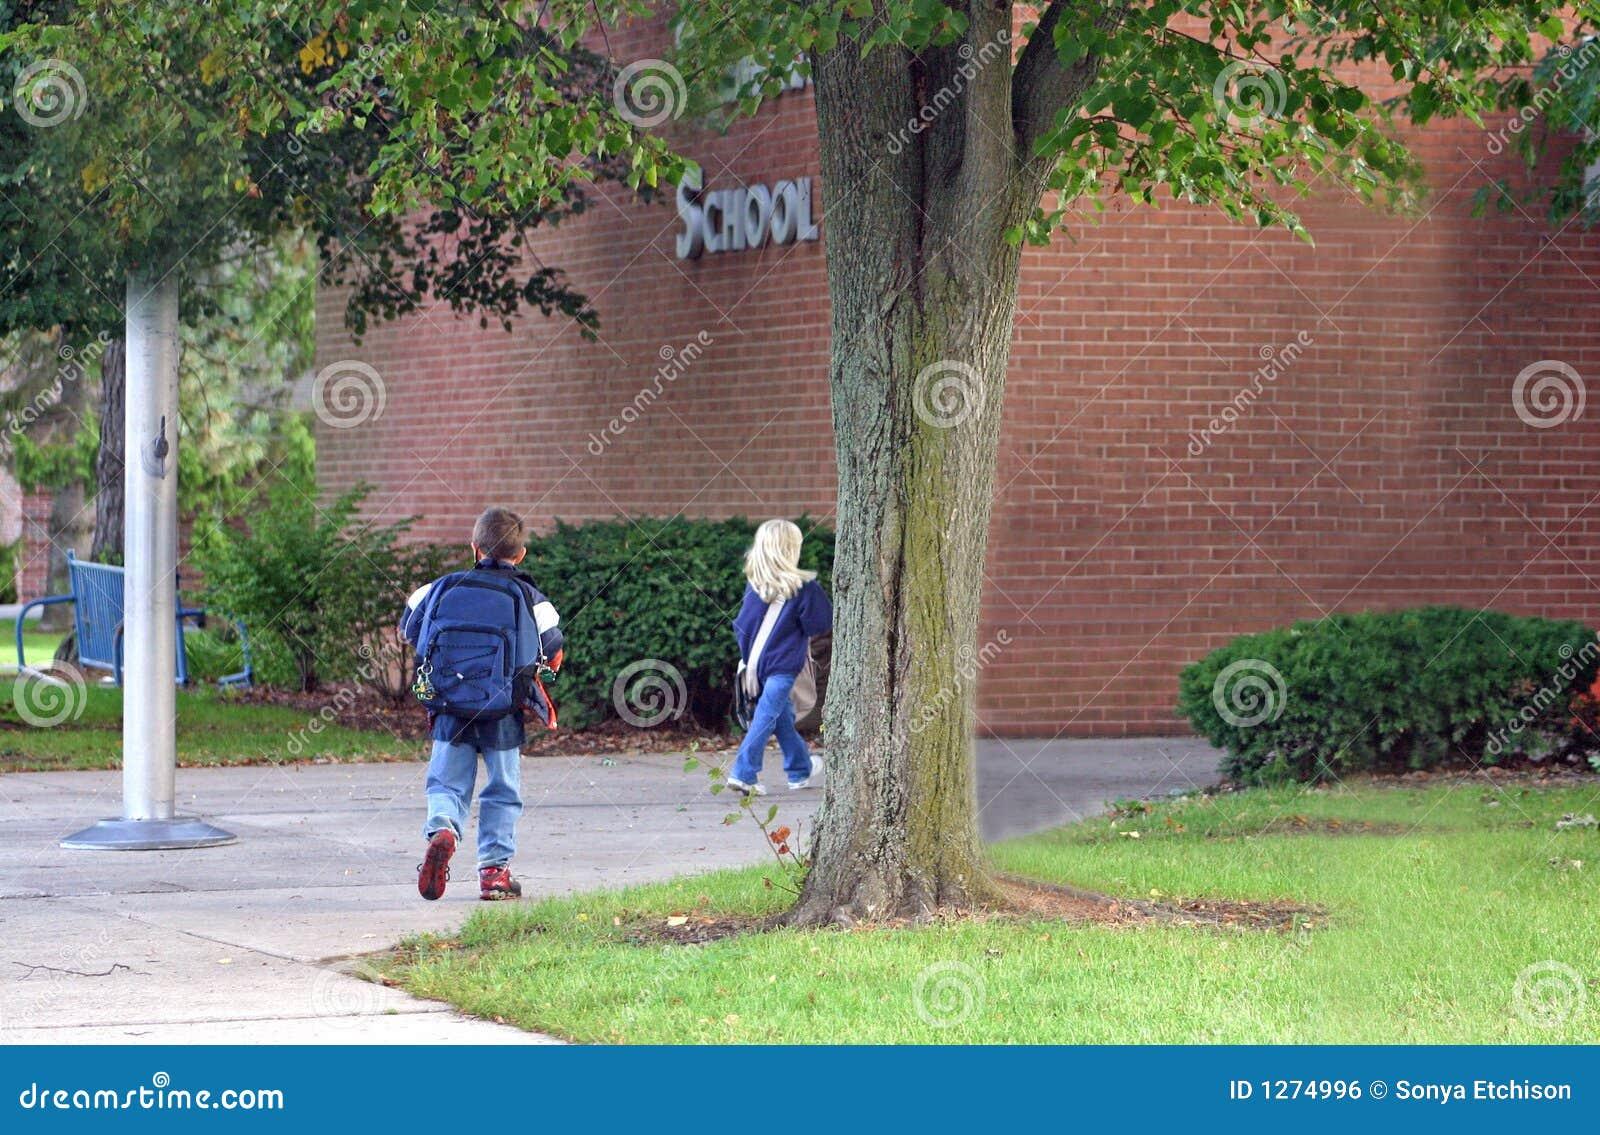 Kids Going into School